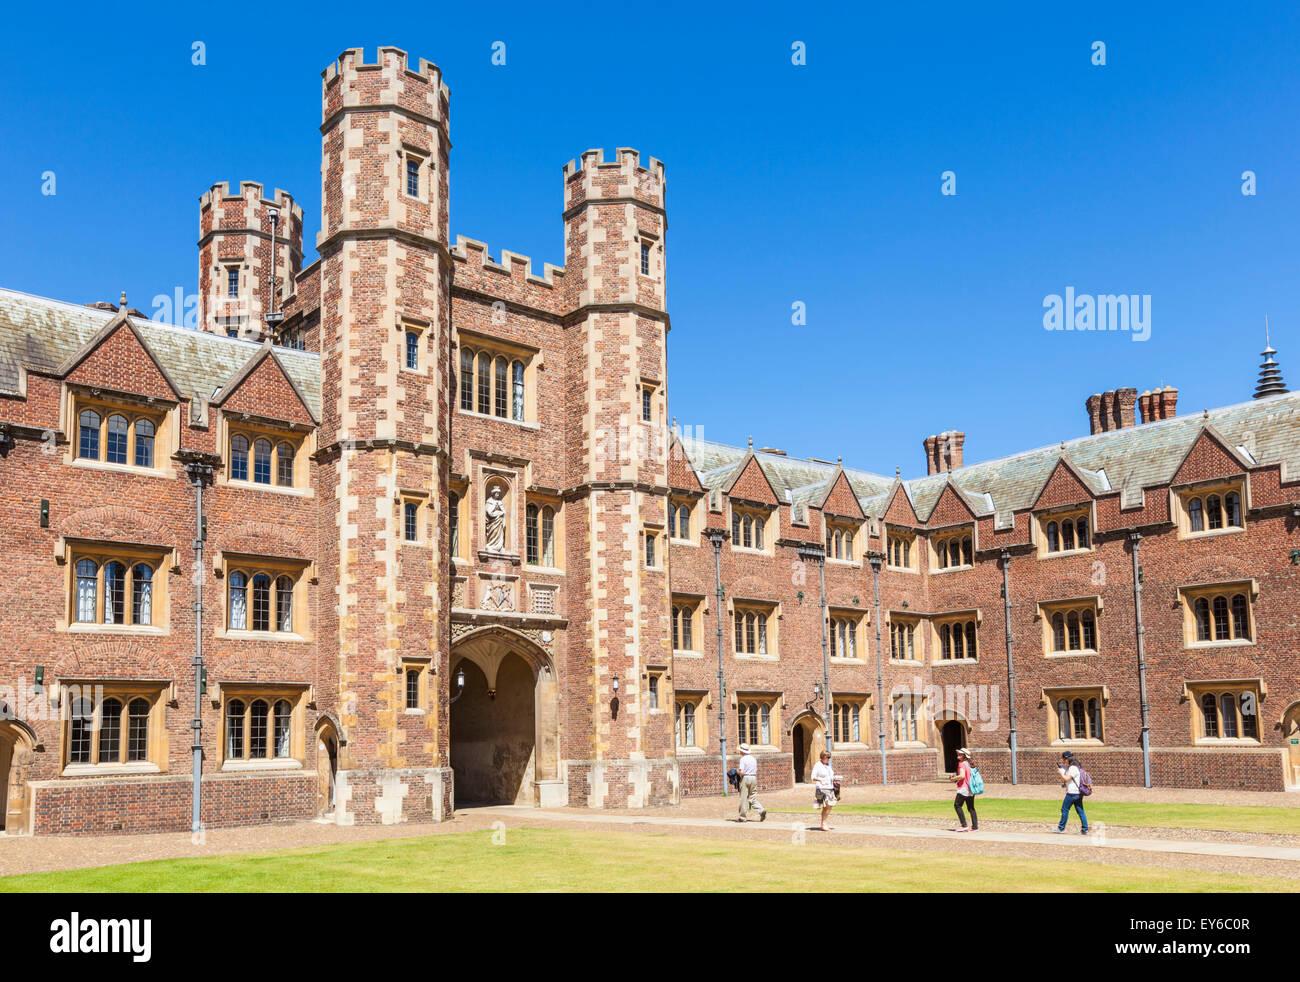 Students outside The Shrewsbury tower st johns college cambridge university Cambridge Cambridgeshire England UK - Stock Image